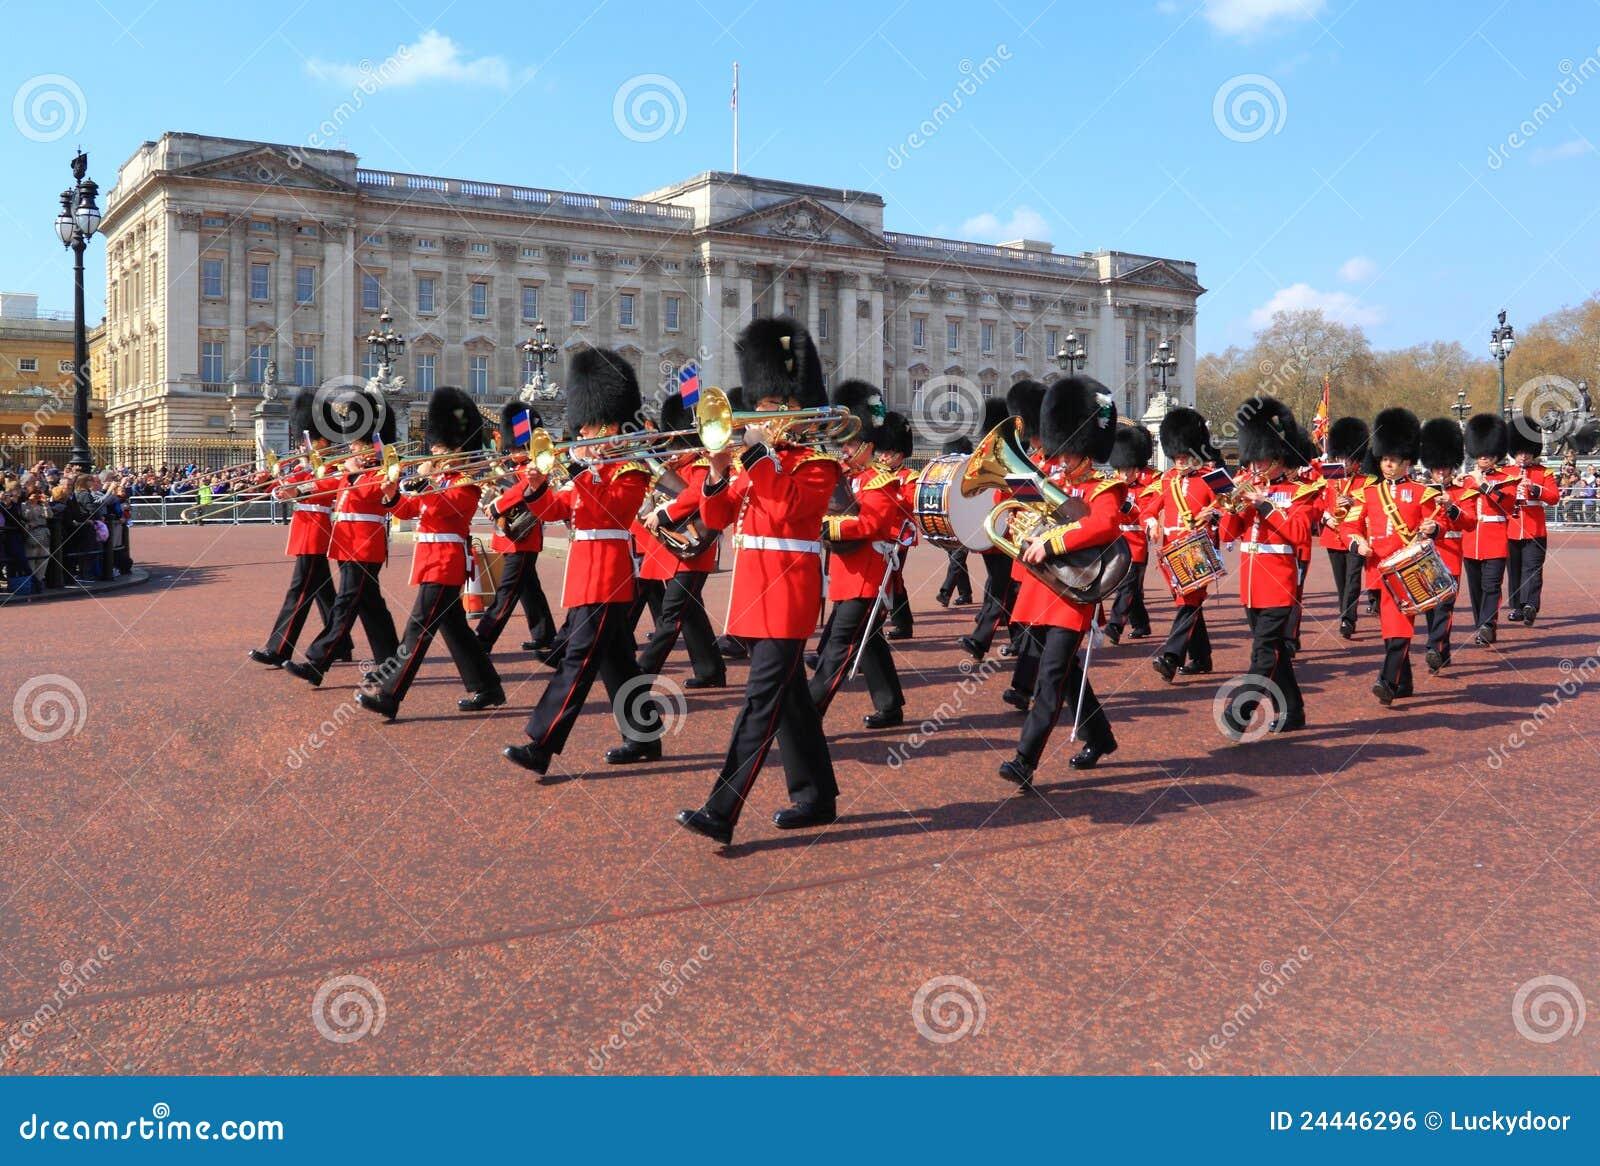 De verandering van de wacht in Buckingham Palace